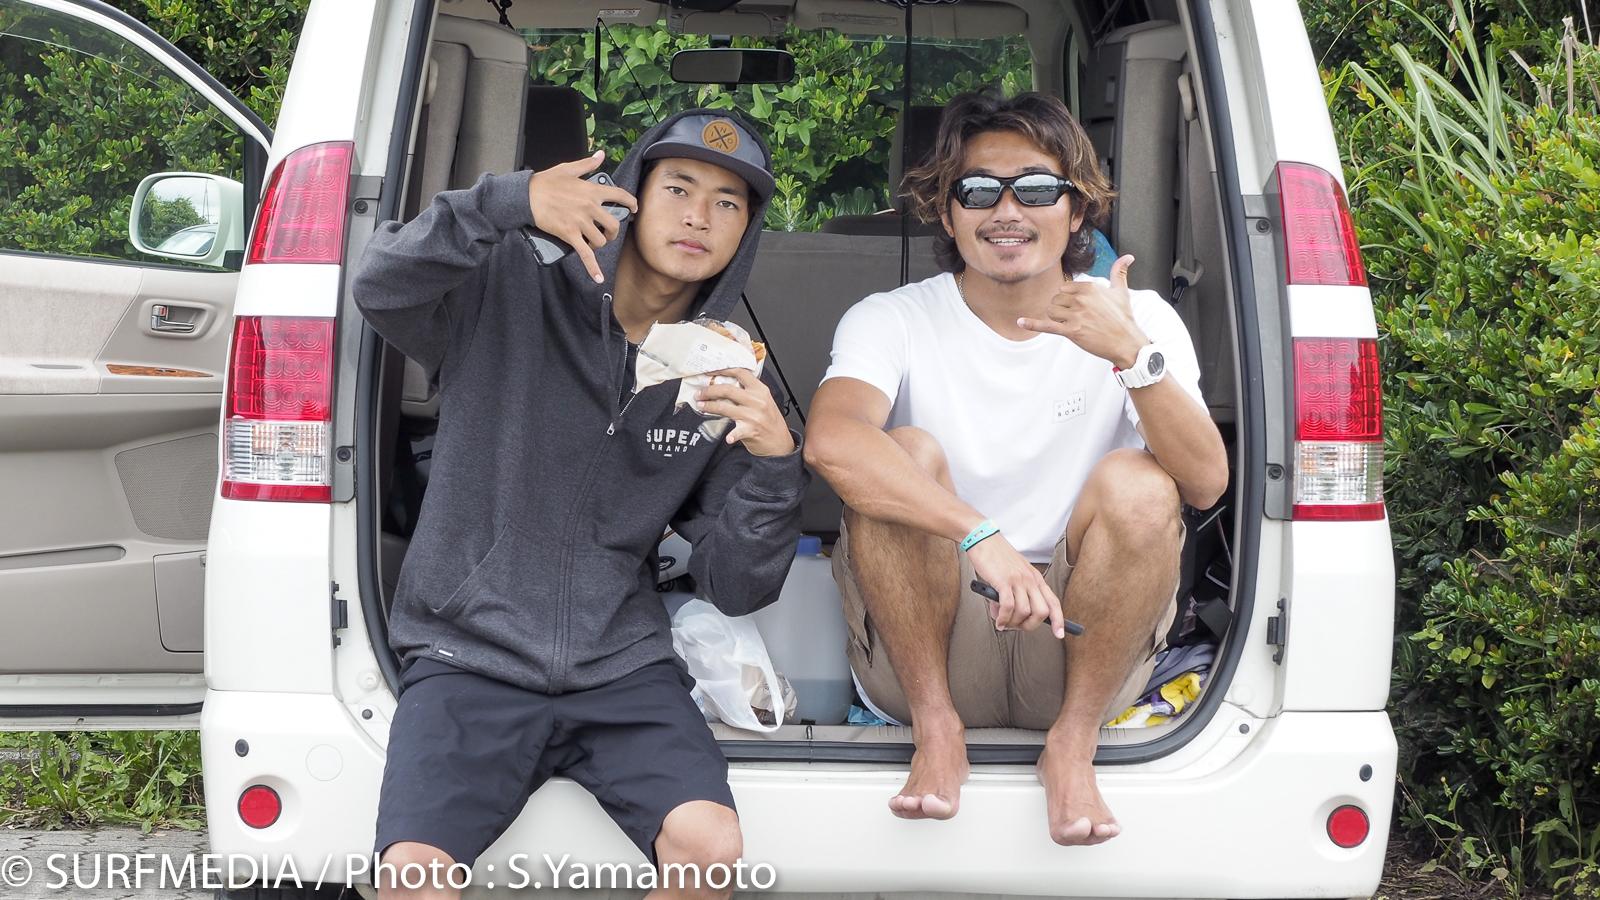 koa hideyoshi-7010062